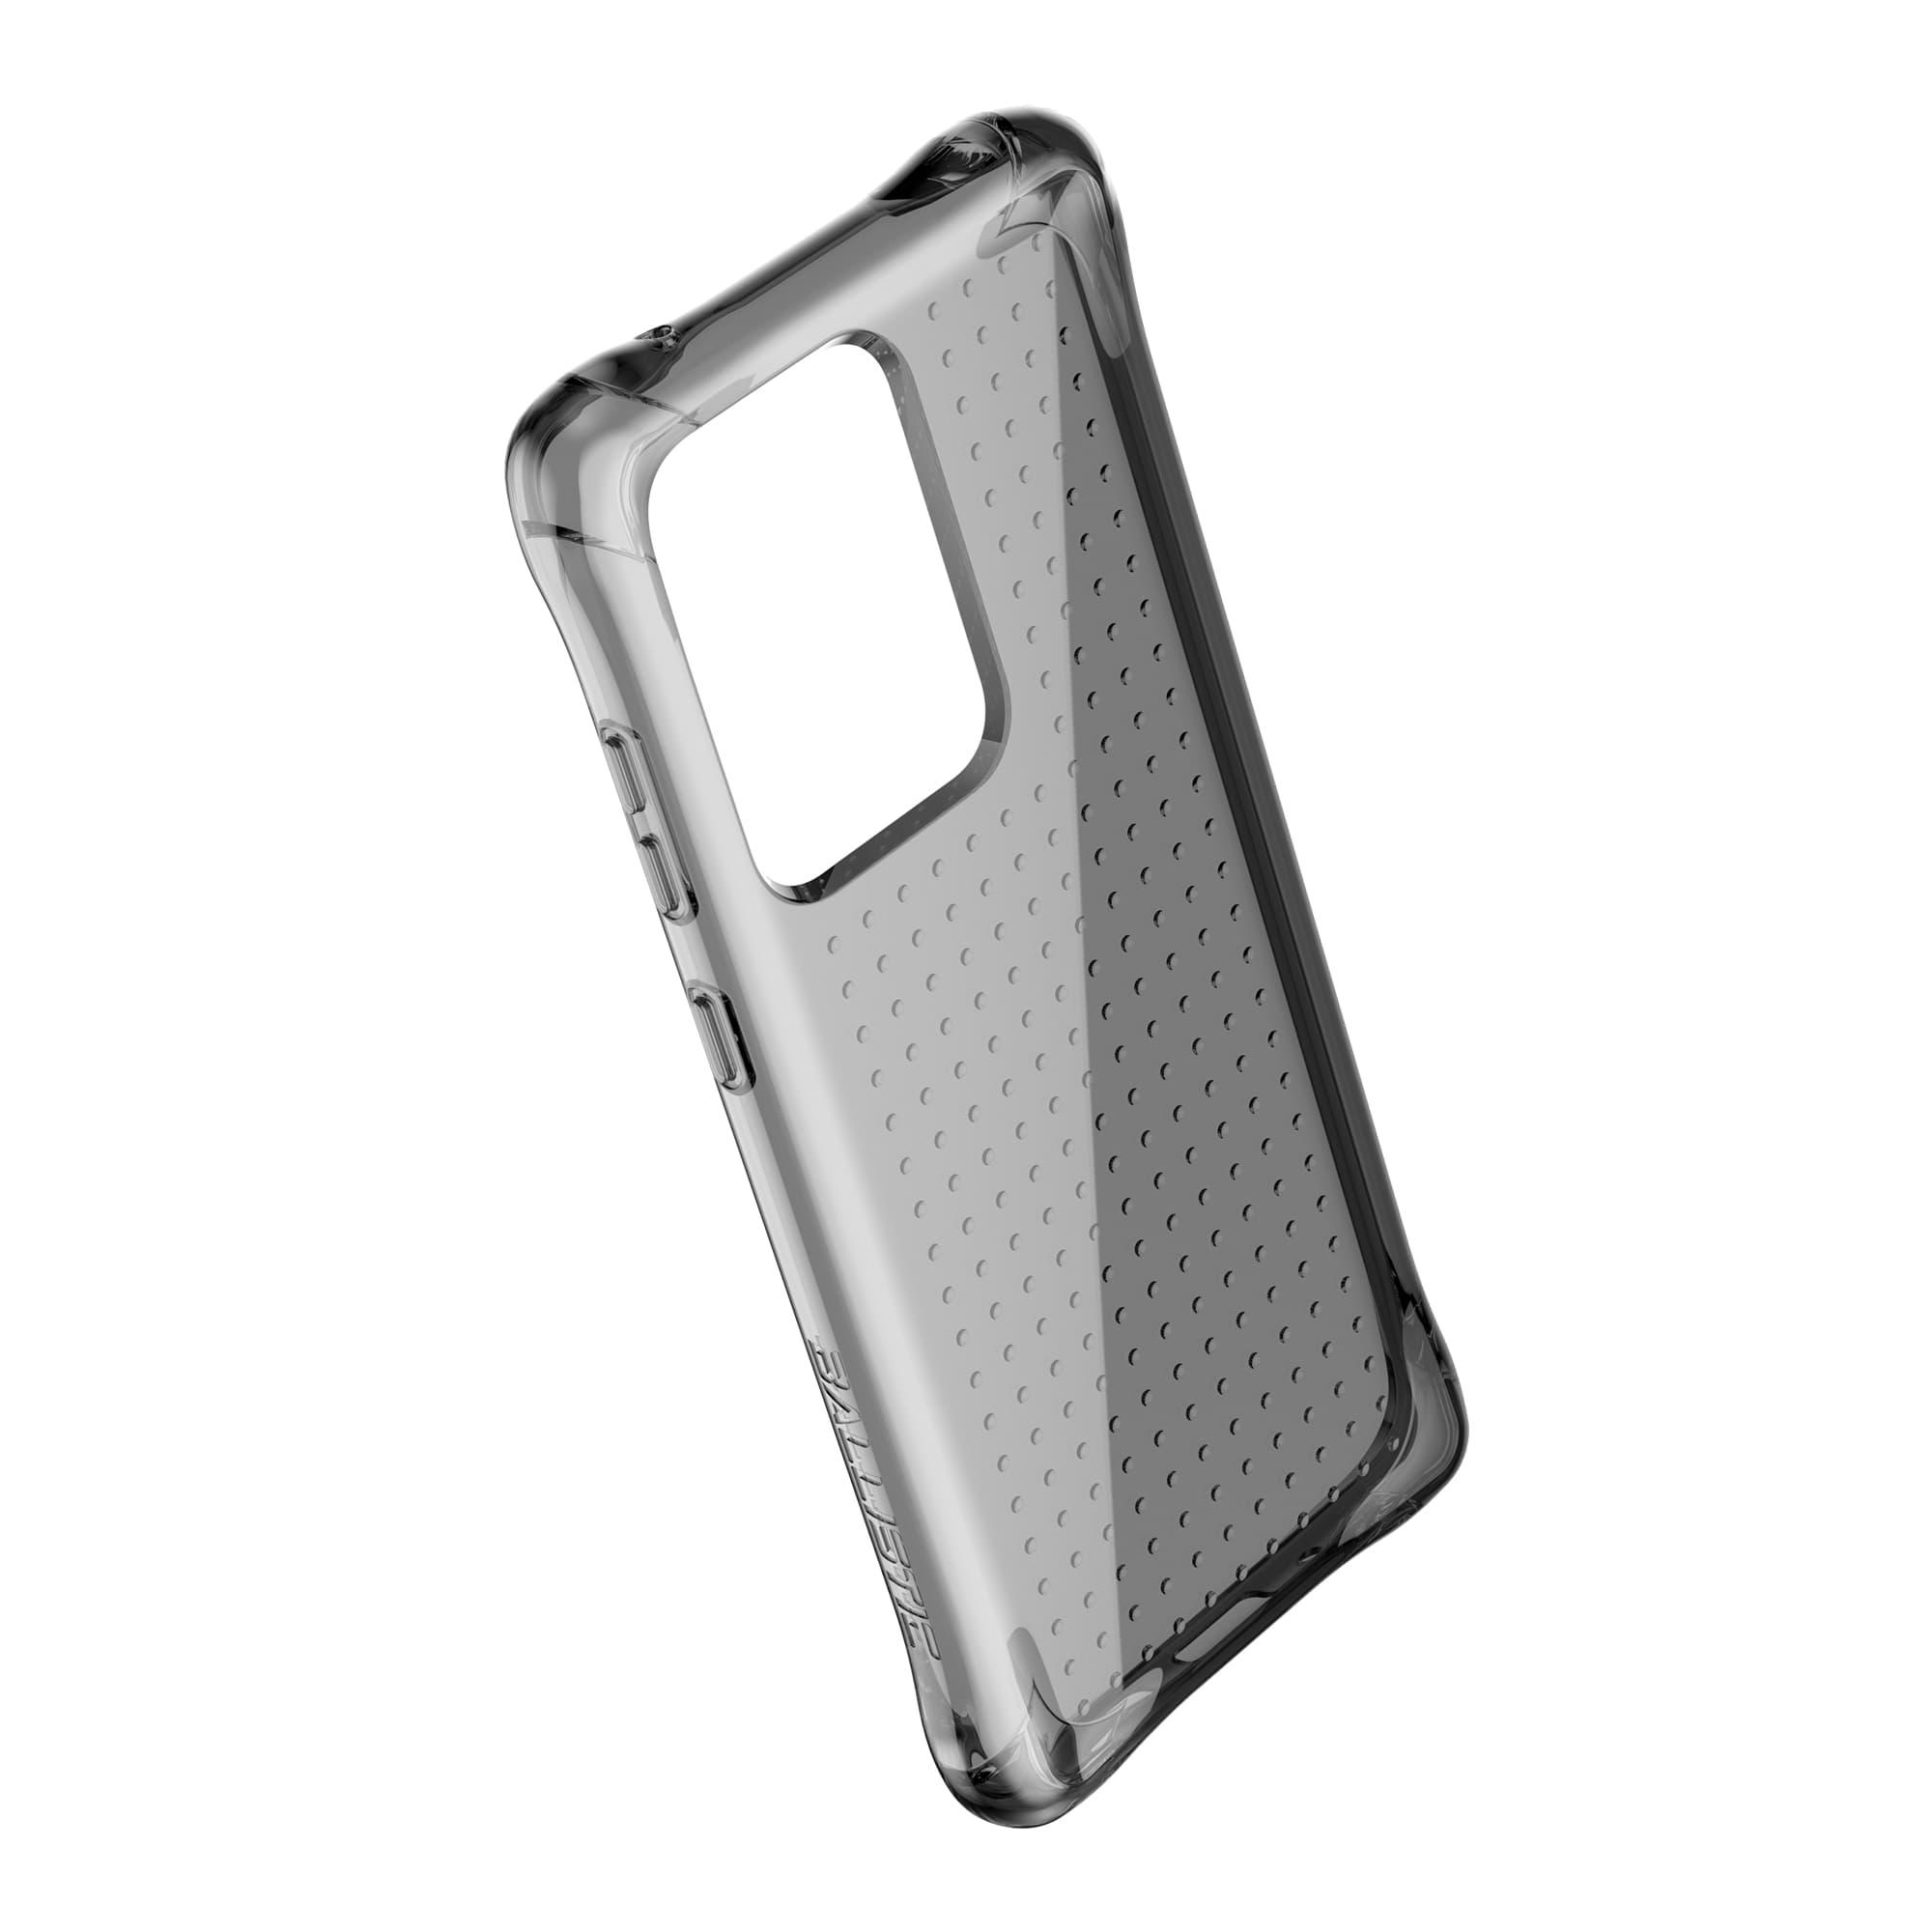 Ballistic Jewel Classic Series Galaxy S20 Ultra - Tint